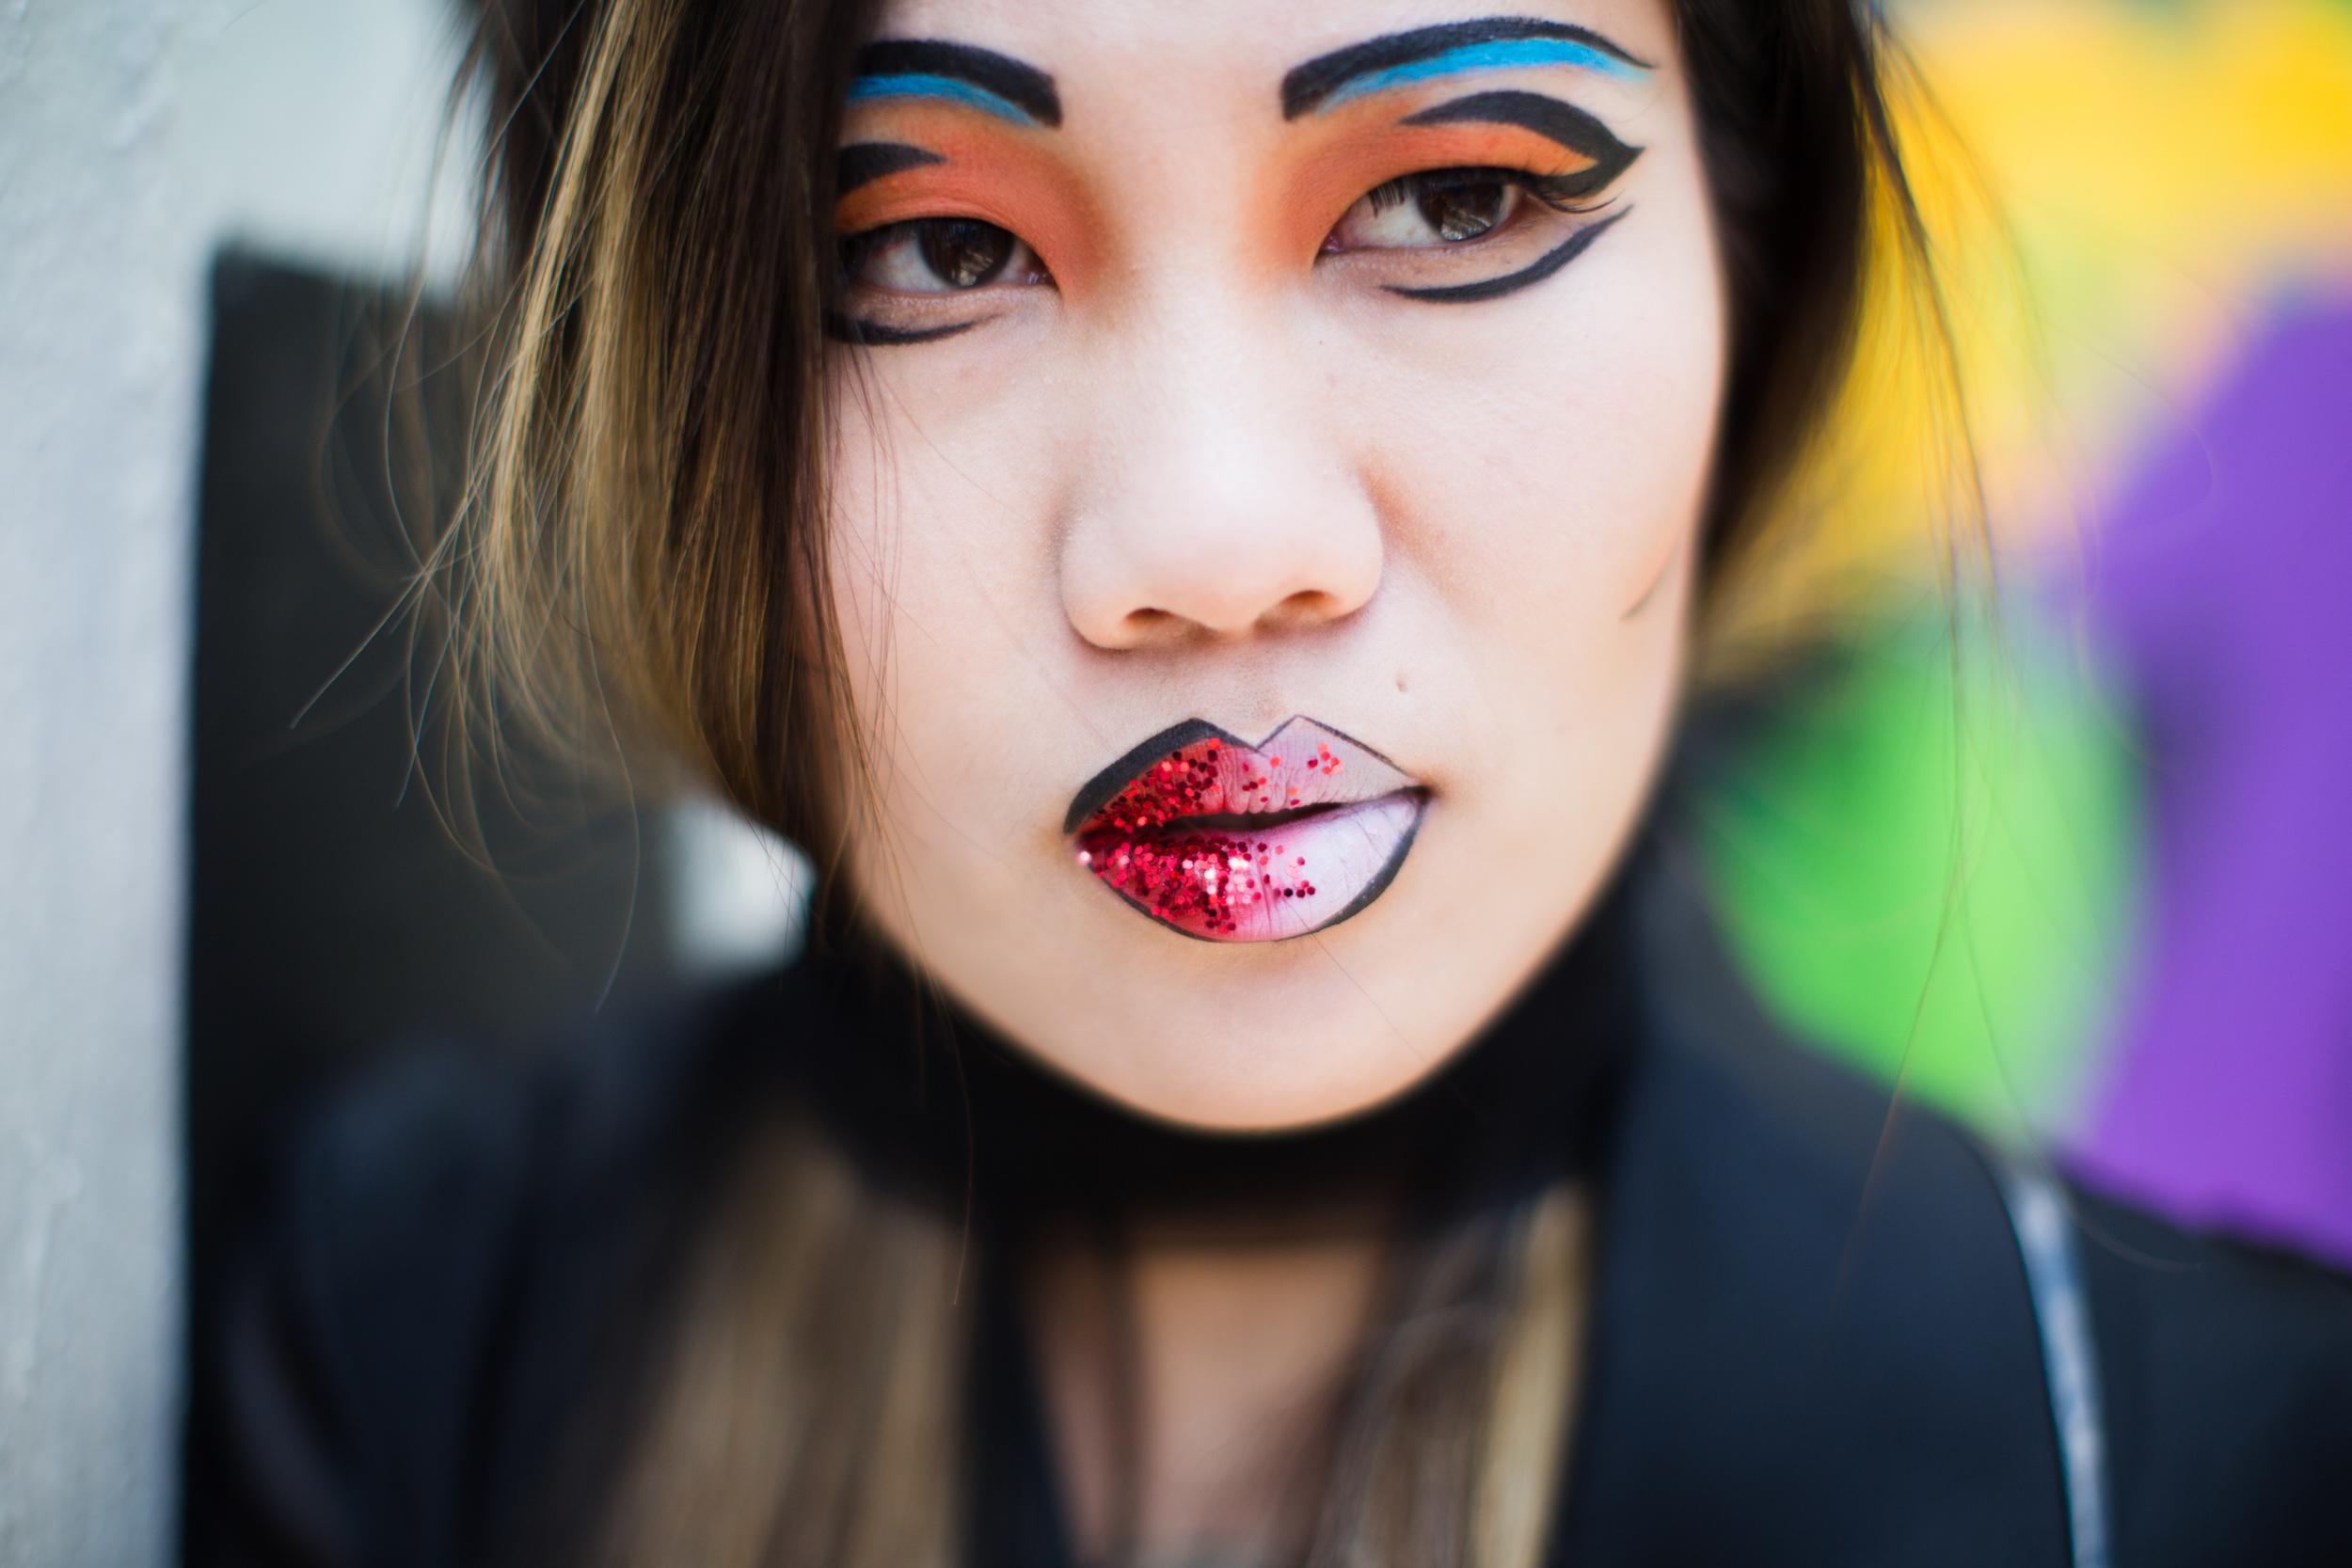 Velvet_Dust_Paracosm_Beauty_Editorial0008.jpg